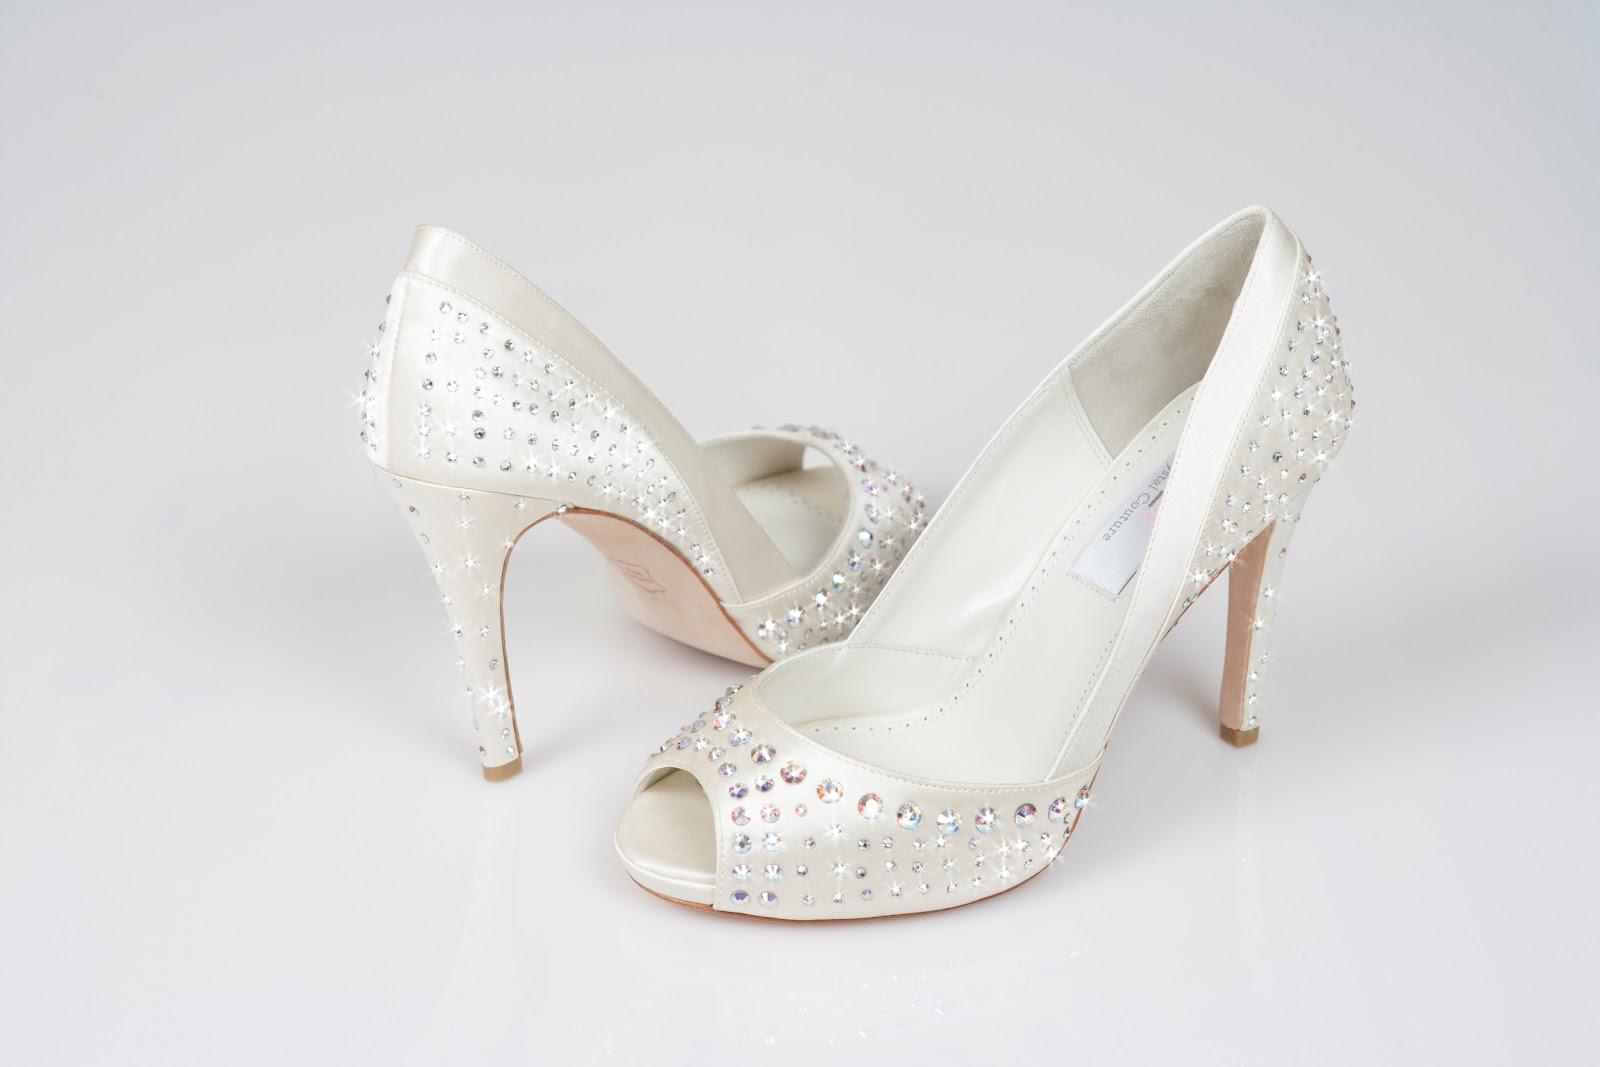 bridal shoes wales uk designer luxury swarovski crystal bridal shoes sale. Black Bedroom Furniture Sets. Home Design Ideas